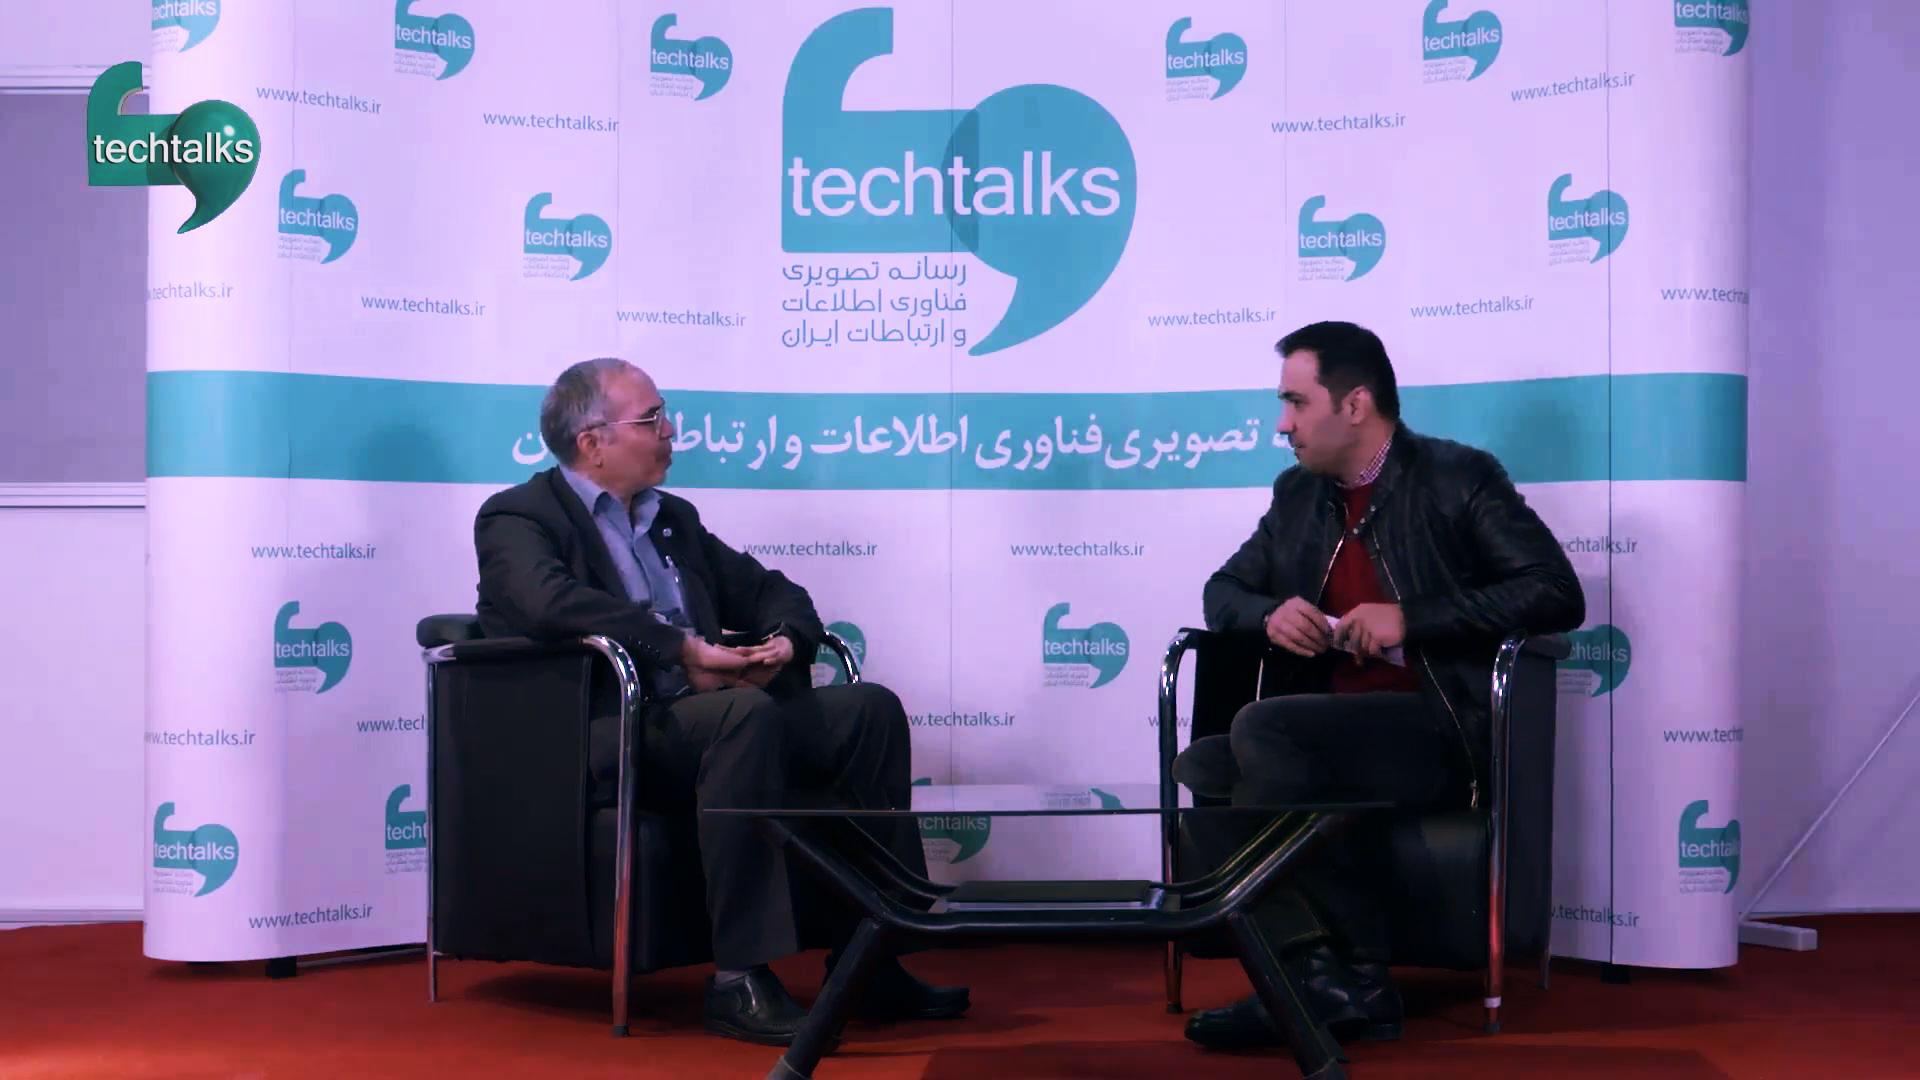 تک تاکس – سلجوقی – عضو هیئت عامل سازمان فناوری اطلاعات و ارتباطات ایران – techtalks.ir